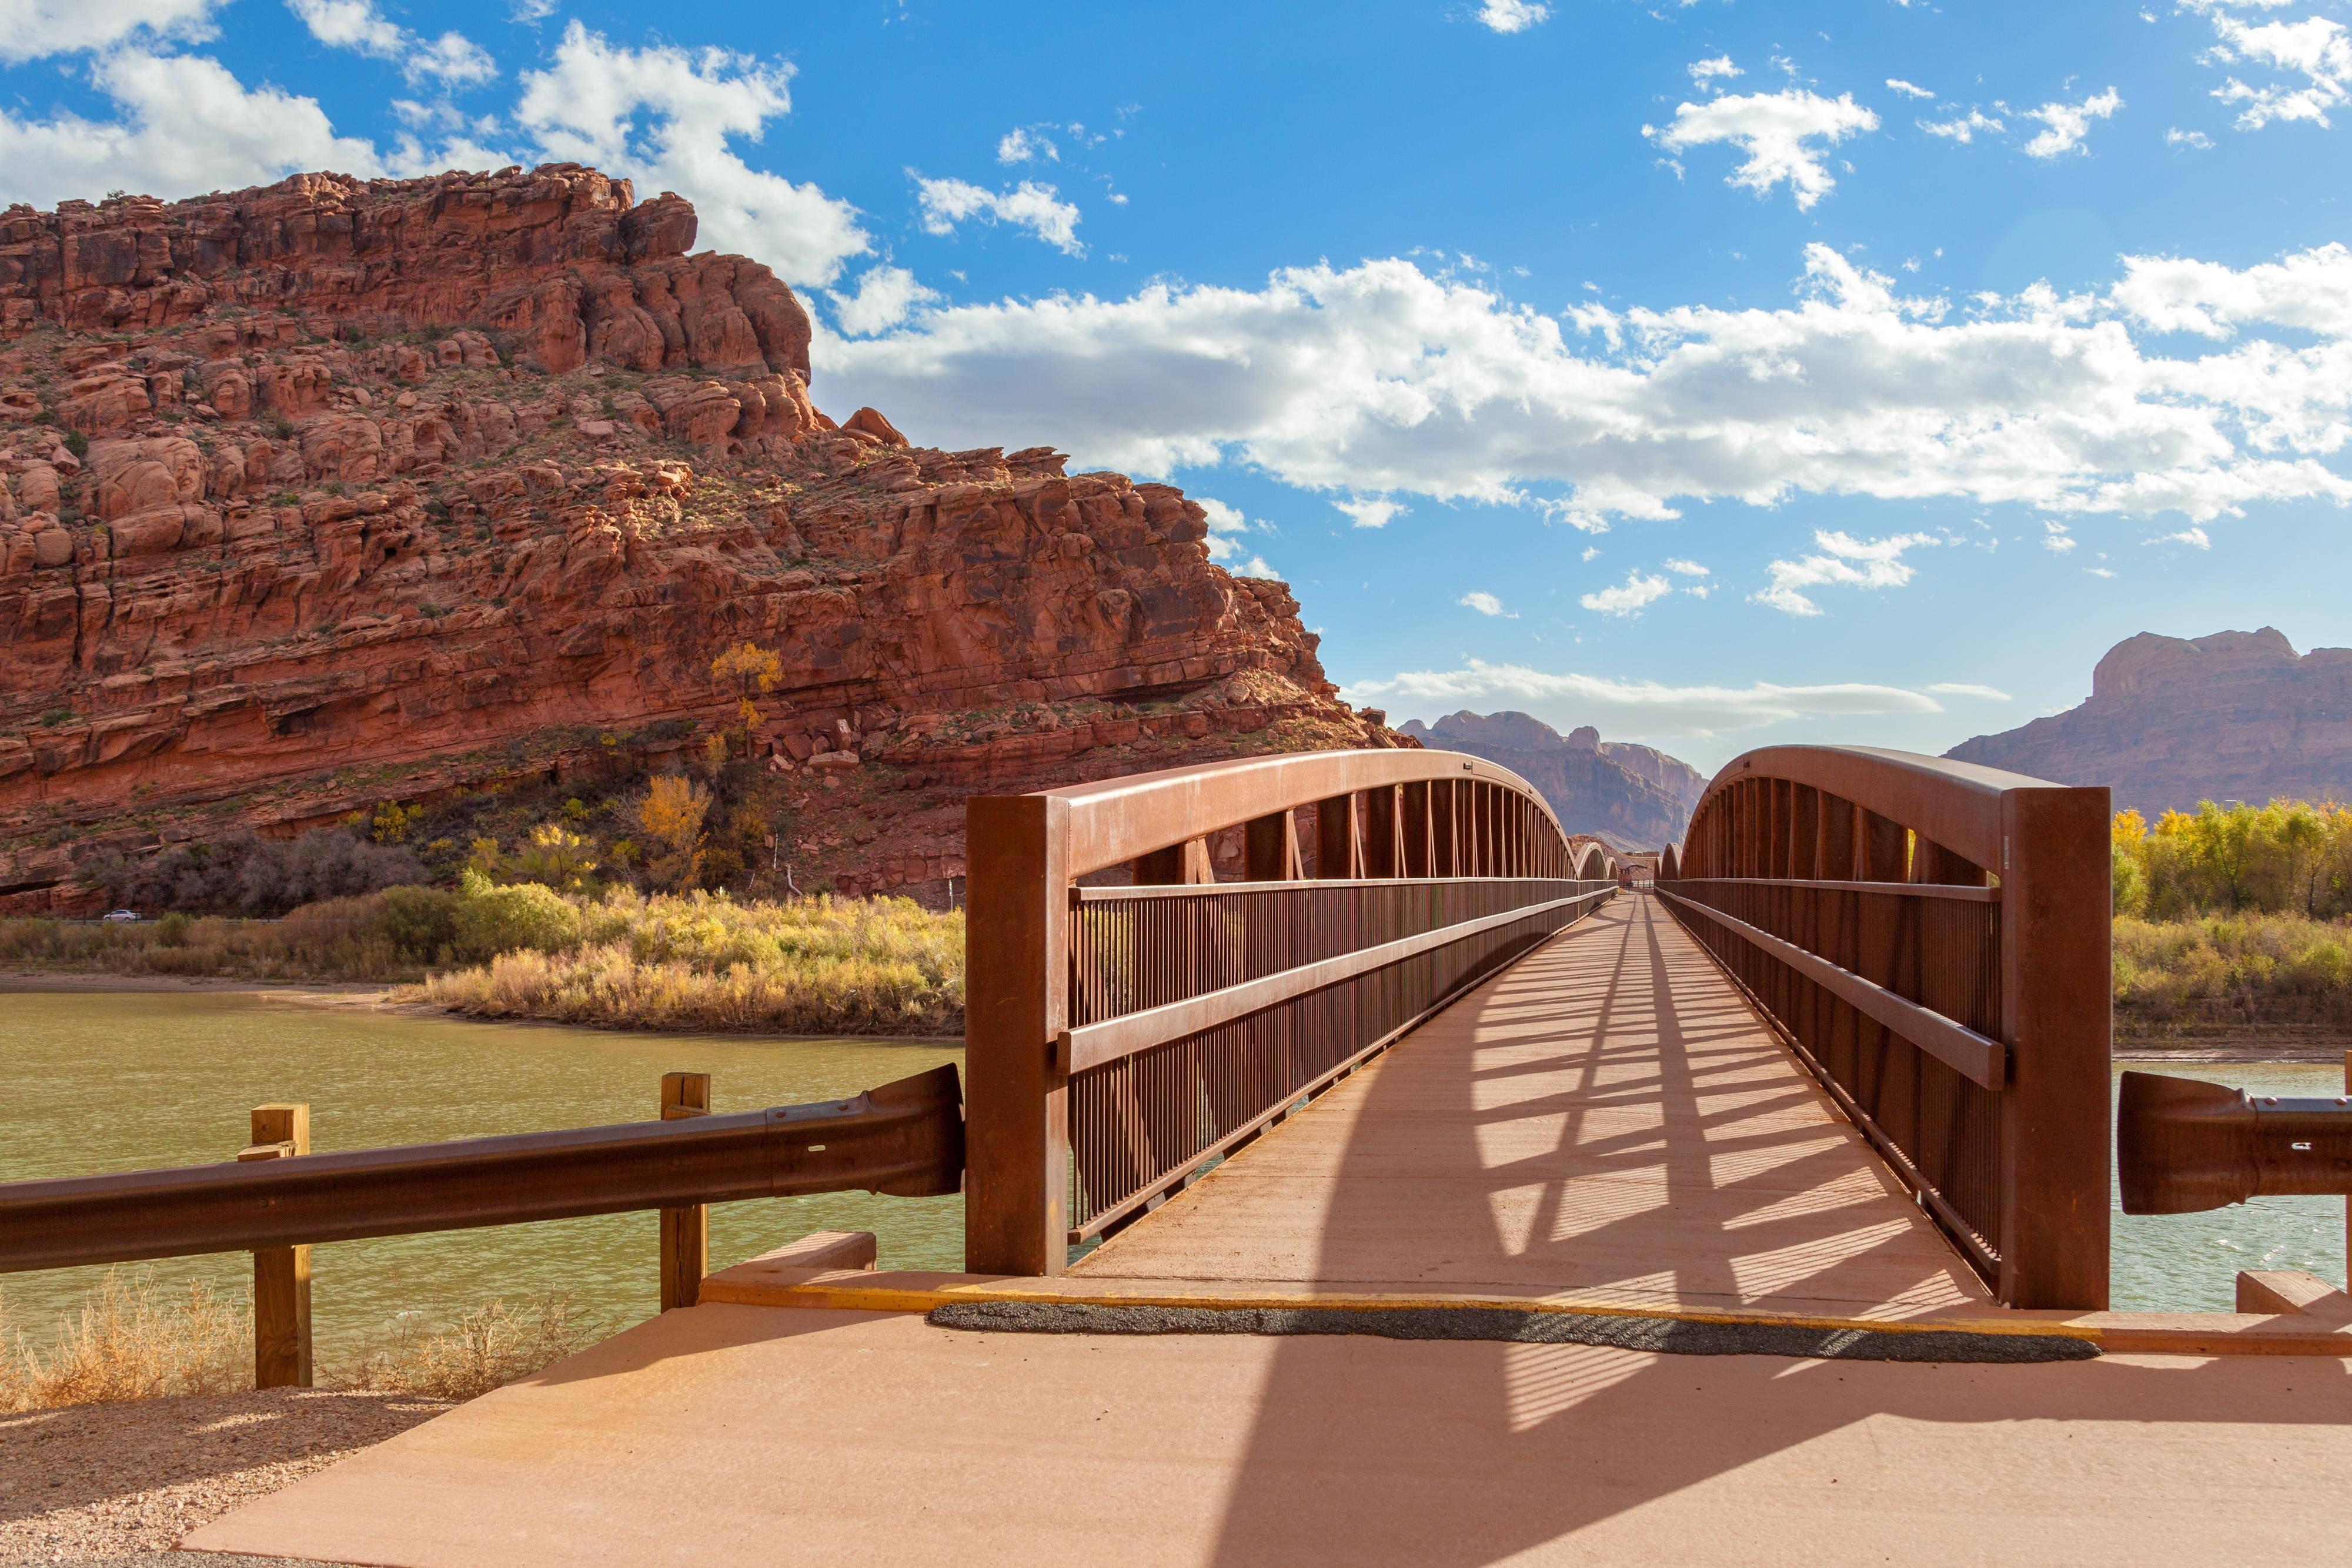 Moab Hotel across Moab Canyon